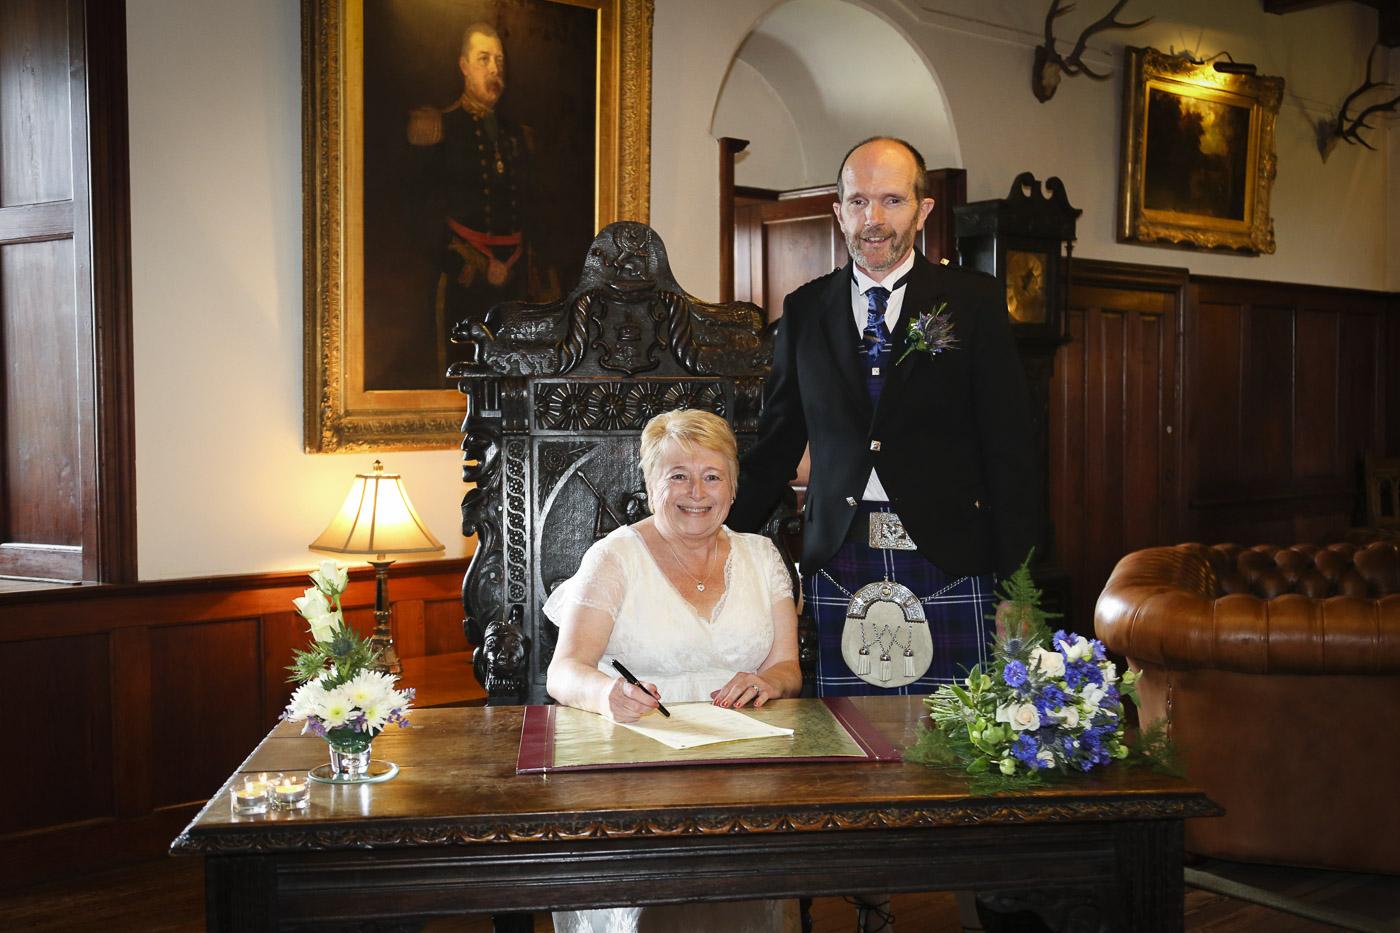 wedding-photography-at-barcaldine-castle-argyll-2911